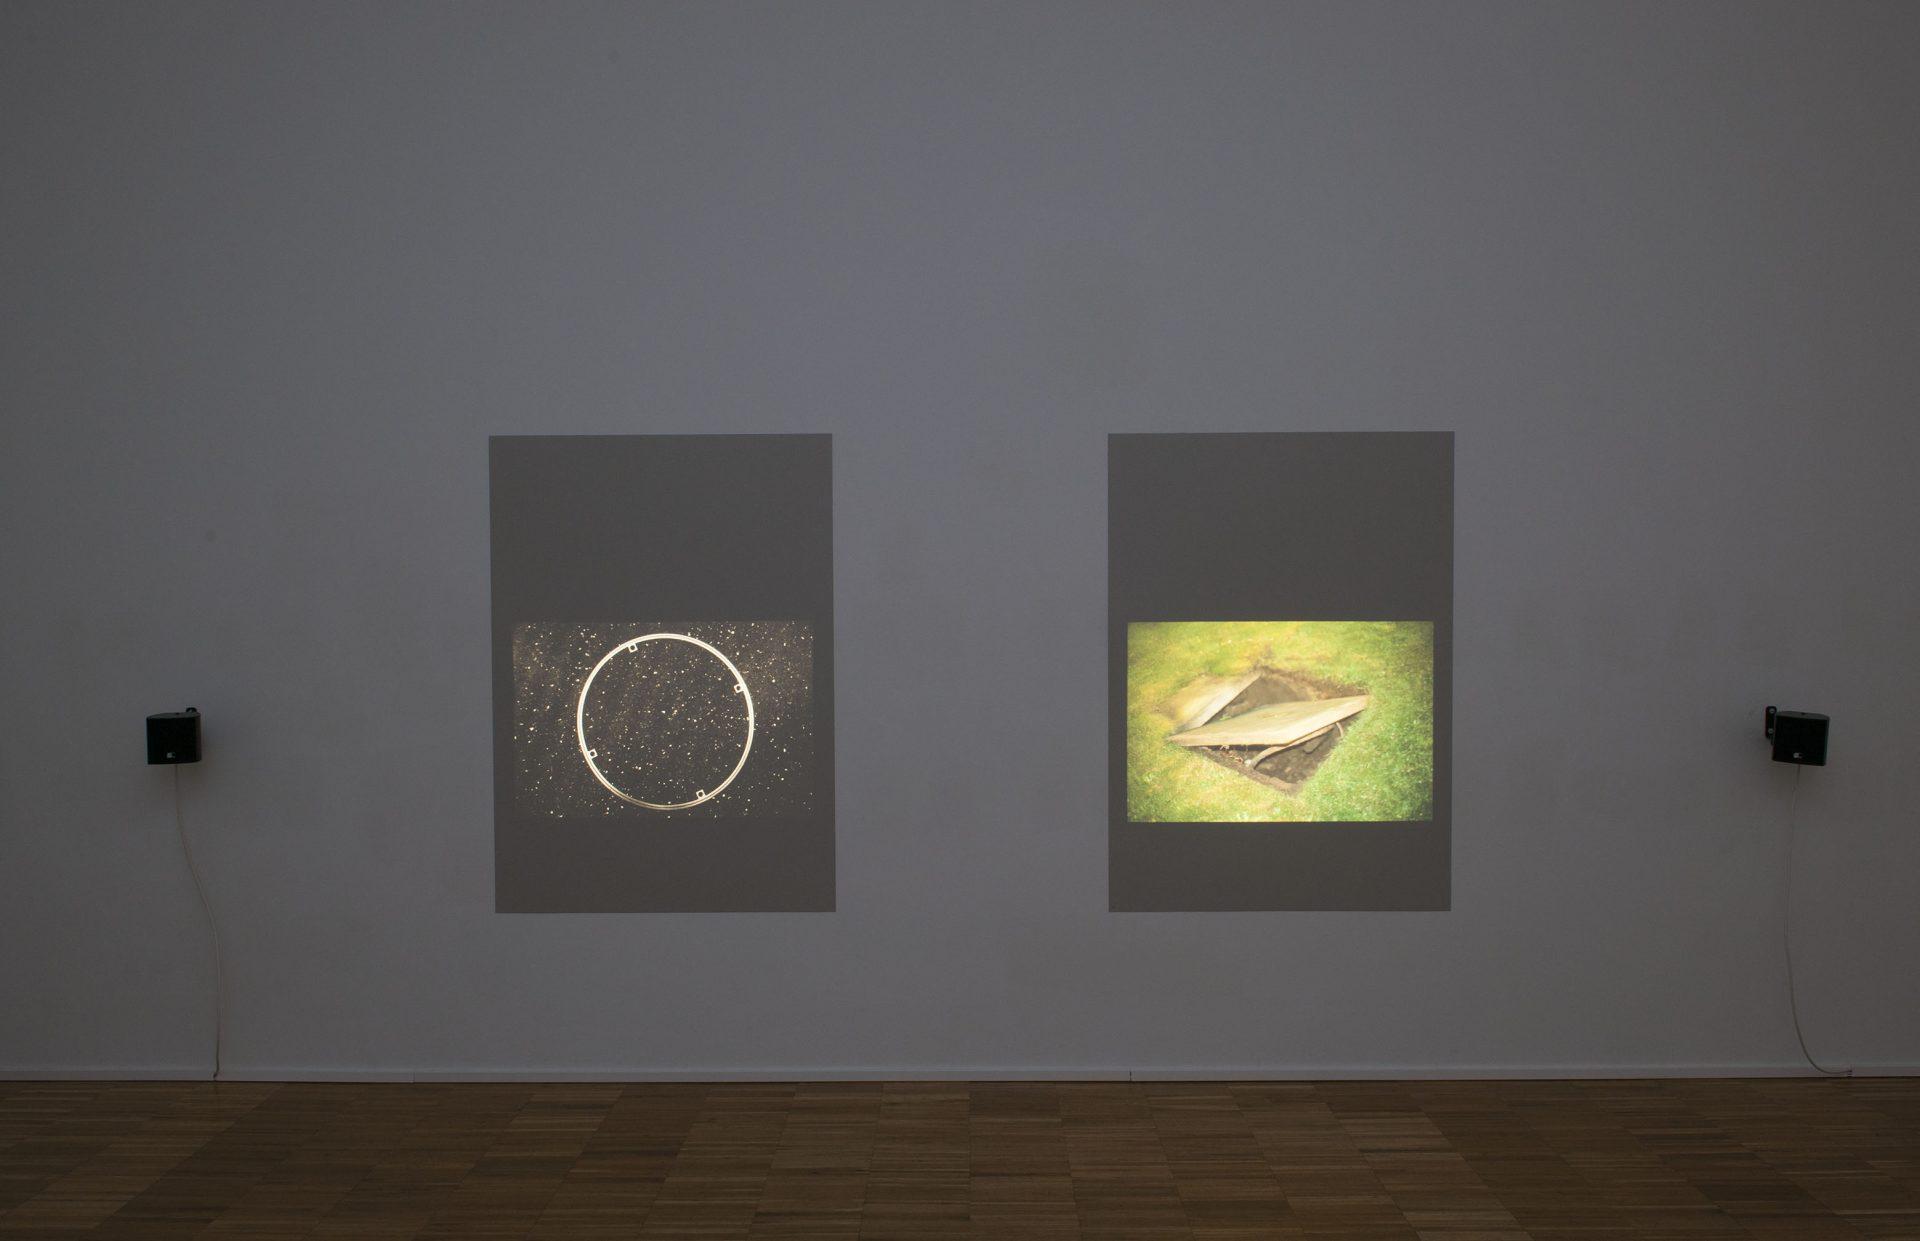 Tris Vonna-Michell Postscript II (Berlin), 2013